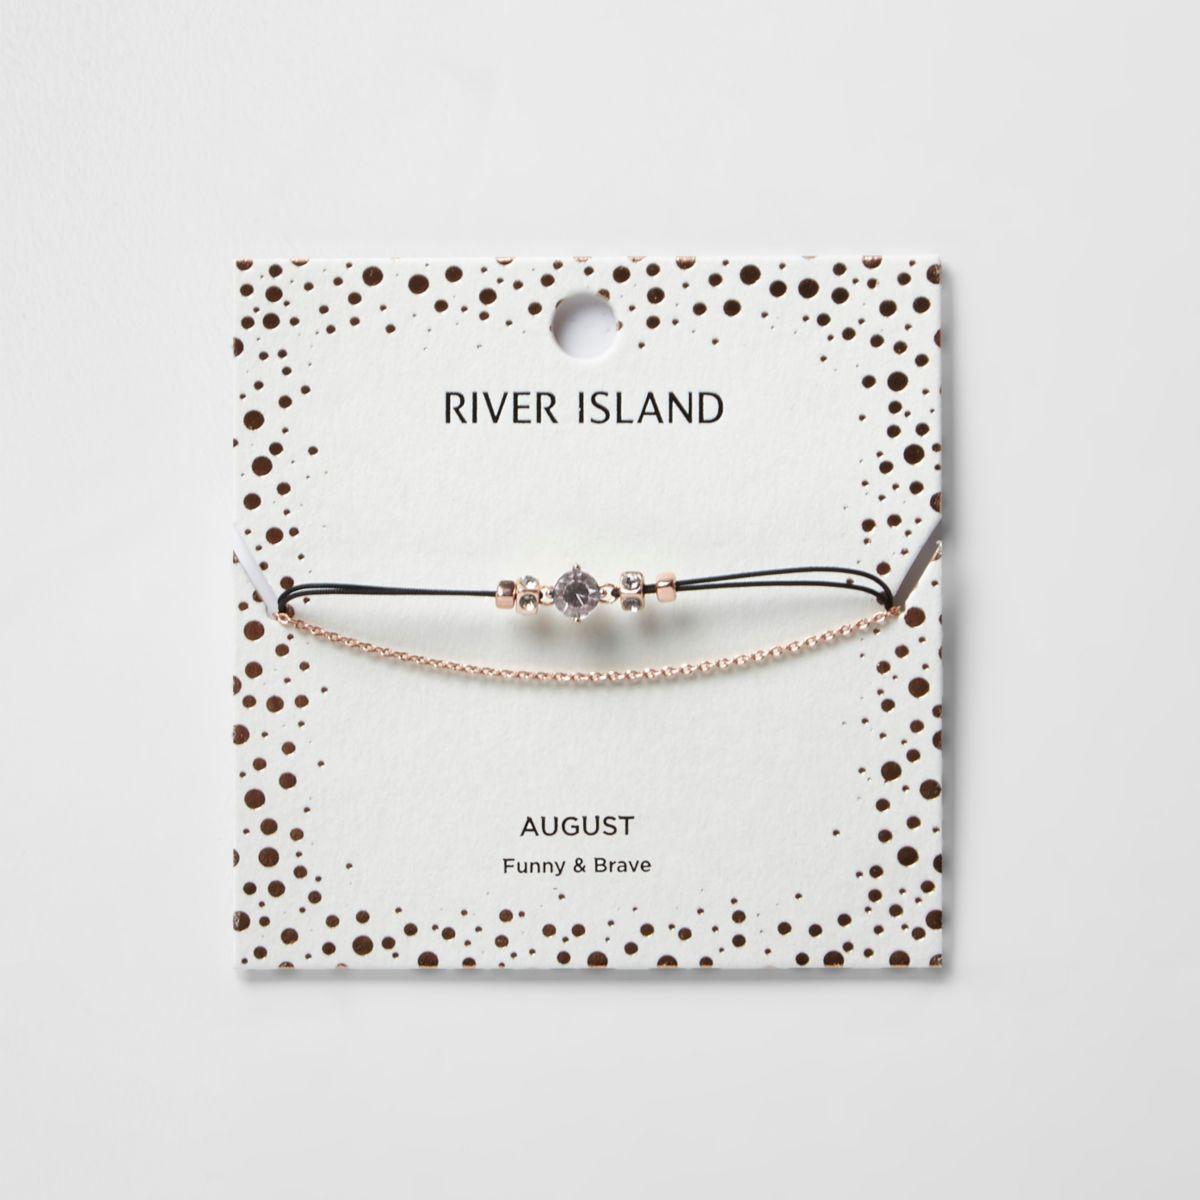 Green August birthstone chain bracelet